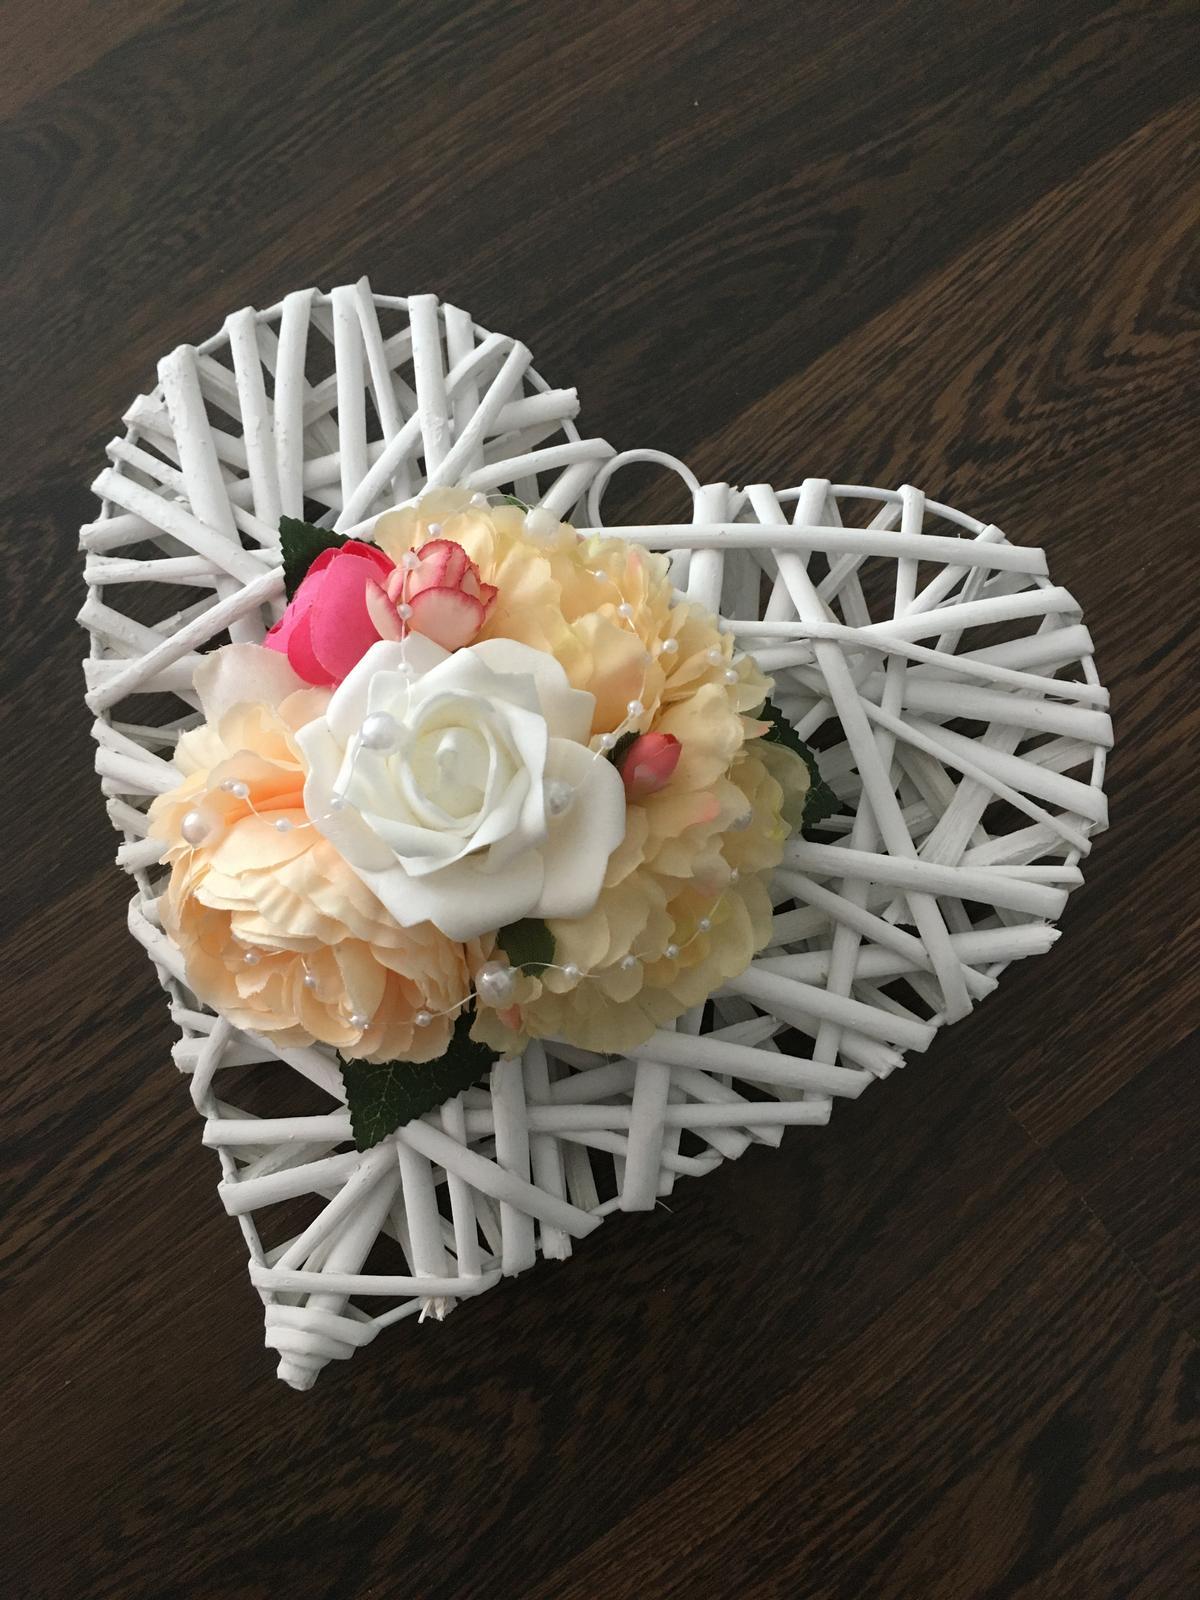 Svadobné srdce - Obrázok č. 1